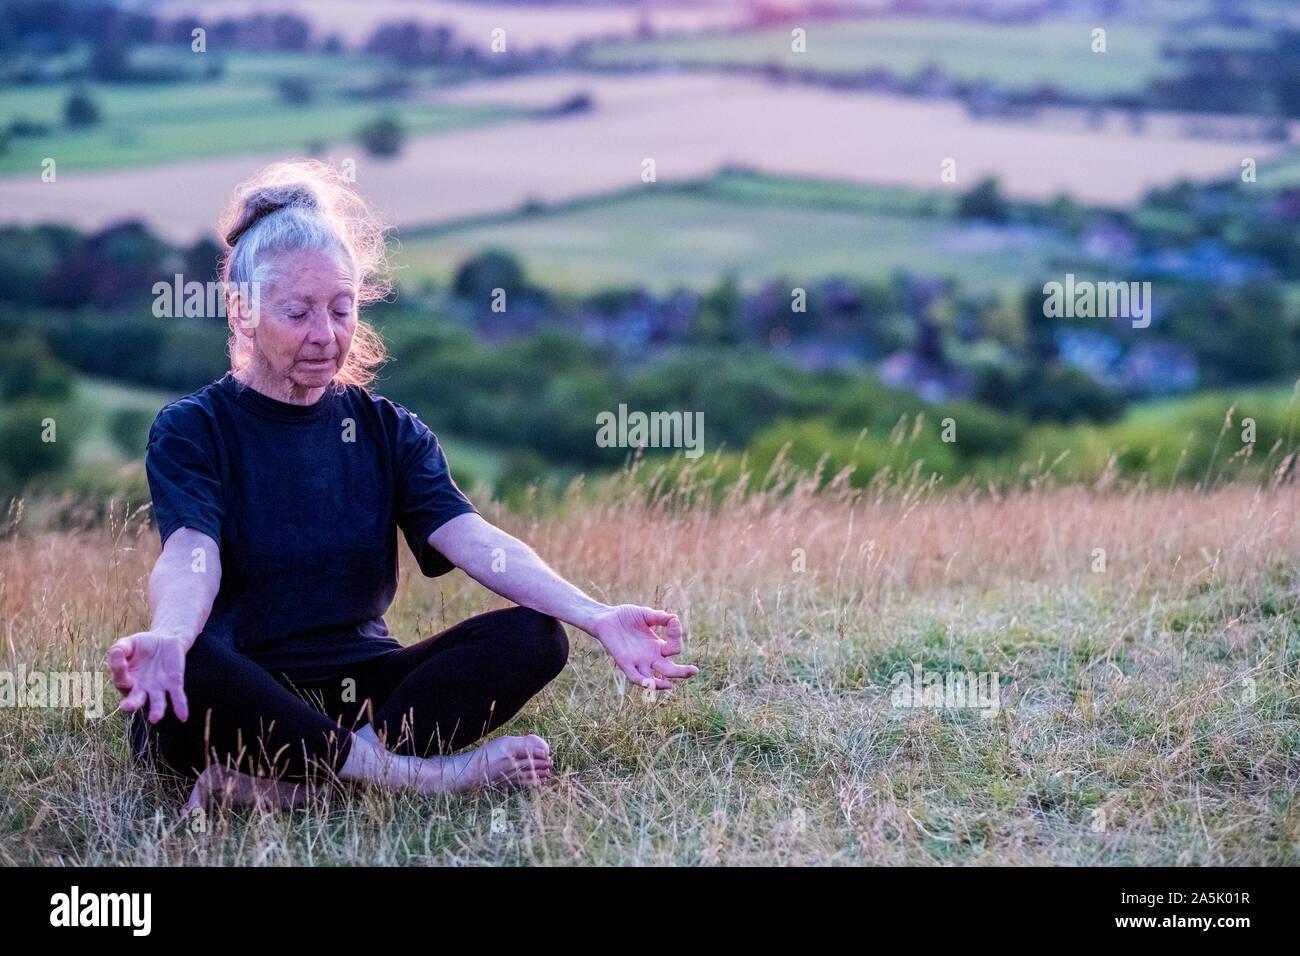 Hauts femme participant à une classe de yoga sur une colline. Banque D'Images